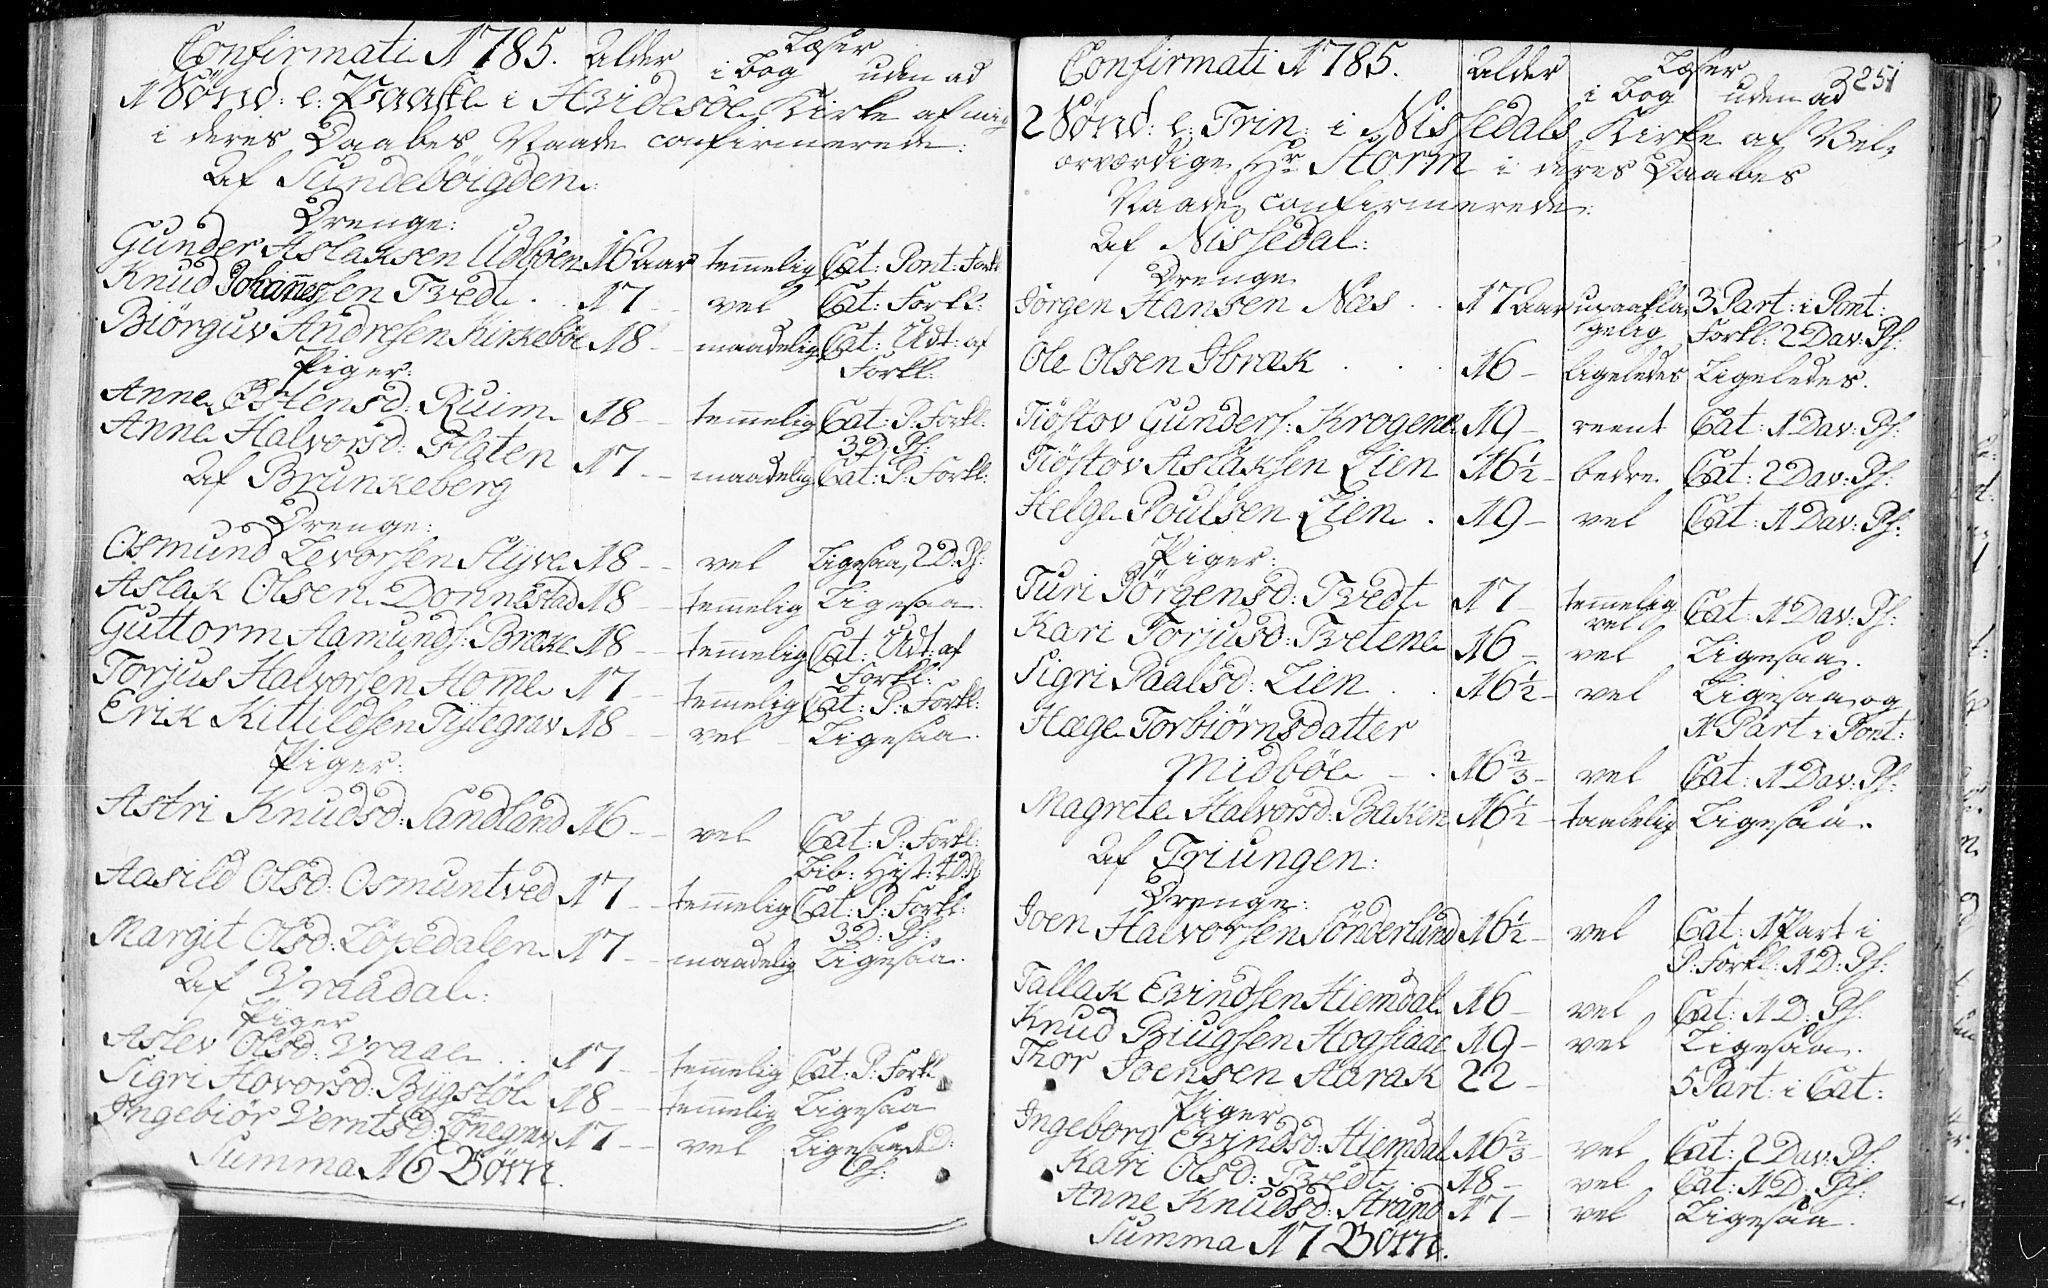 SAKO, Kviteseid kirkebøker, F/Fa/L0002: Ministerialbok nr. I 2, 1773-1786, s. 251